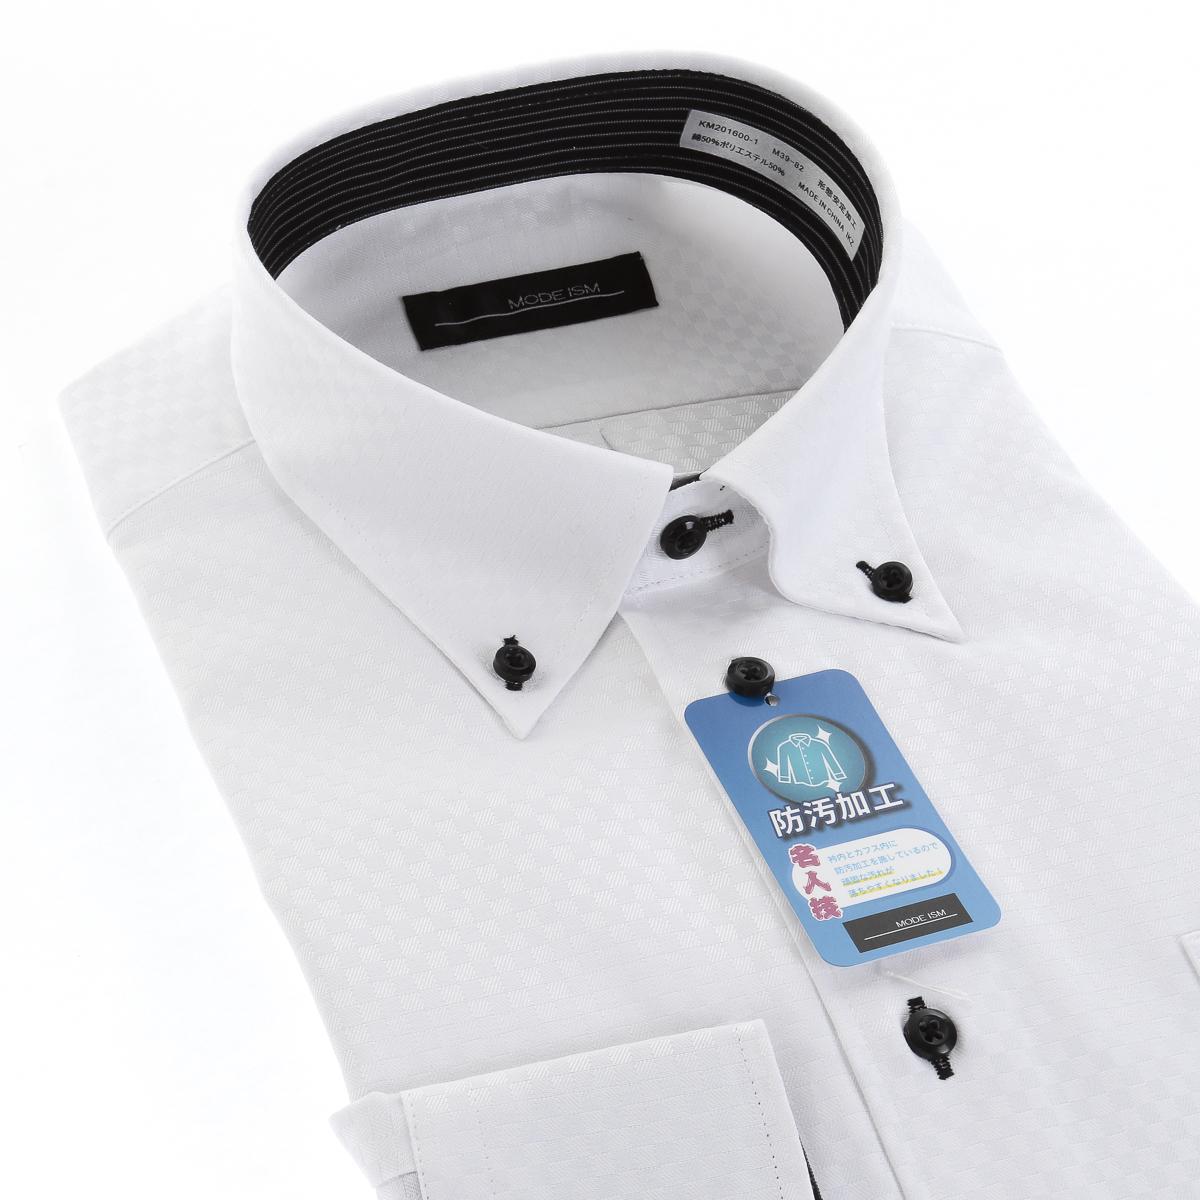 形態安定 防汚 消臭 ボタンダウン ワイシャツ 長袖 【MODE ISM】